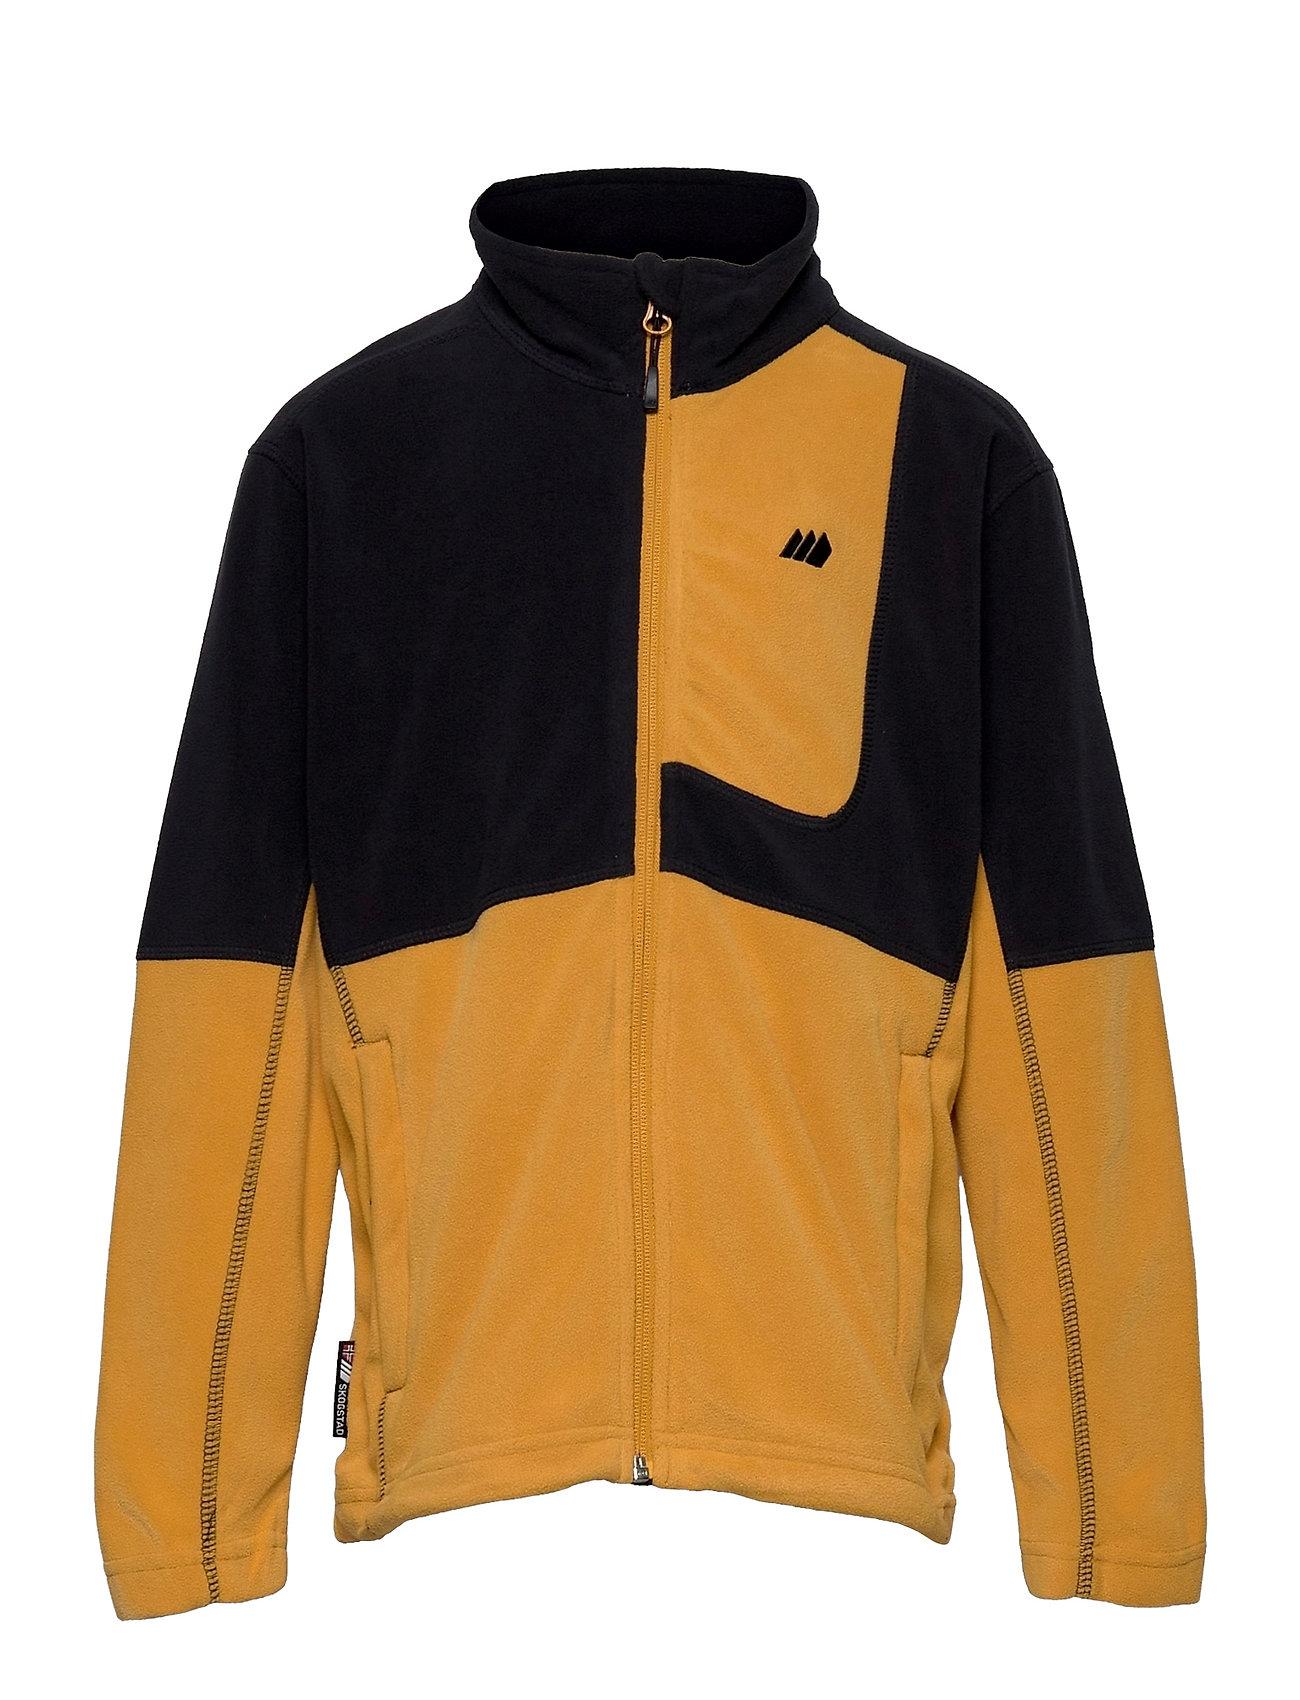 Troms Microfleece Jacket Outerwear Fleece Outerwear Fleece Jackets Multi/mønstret Skogstad